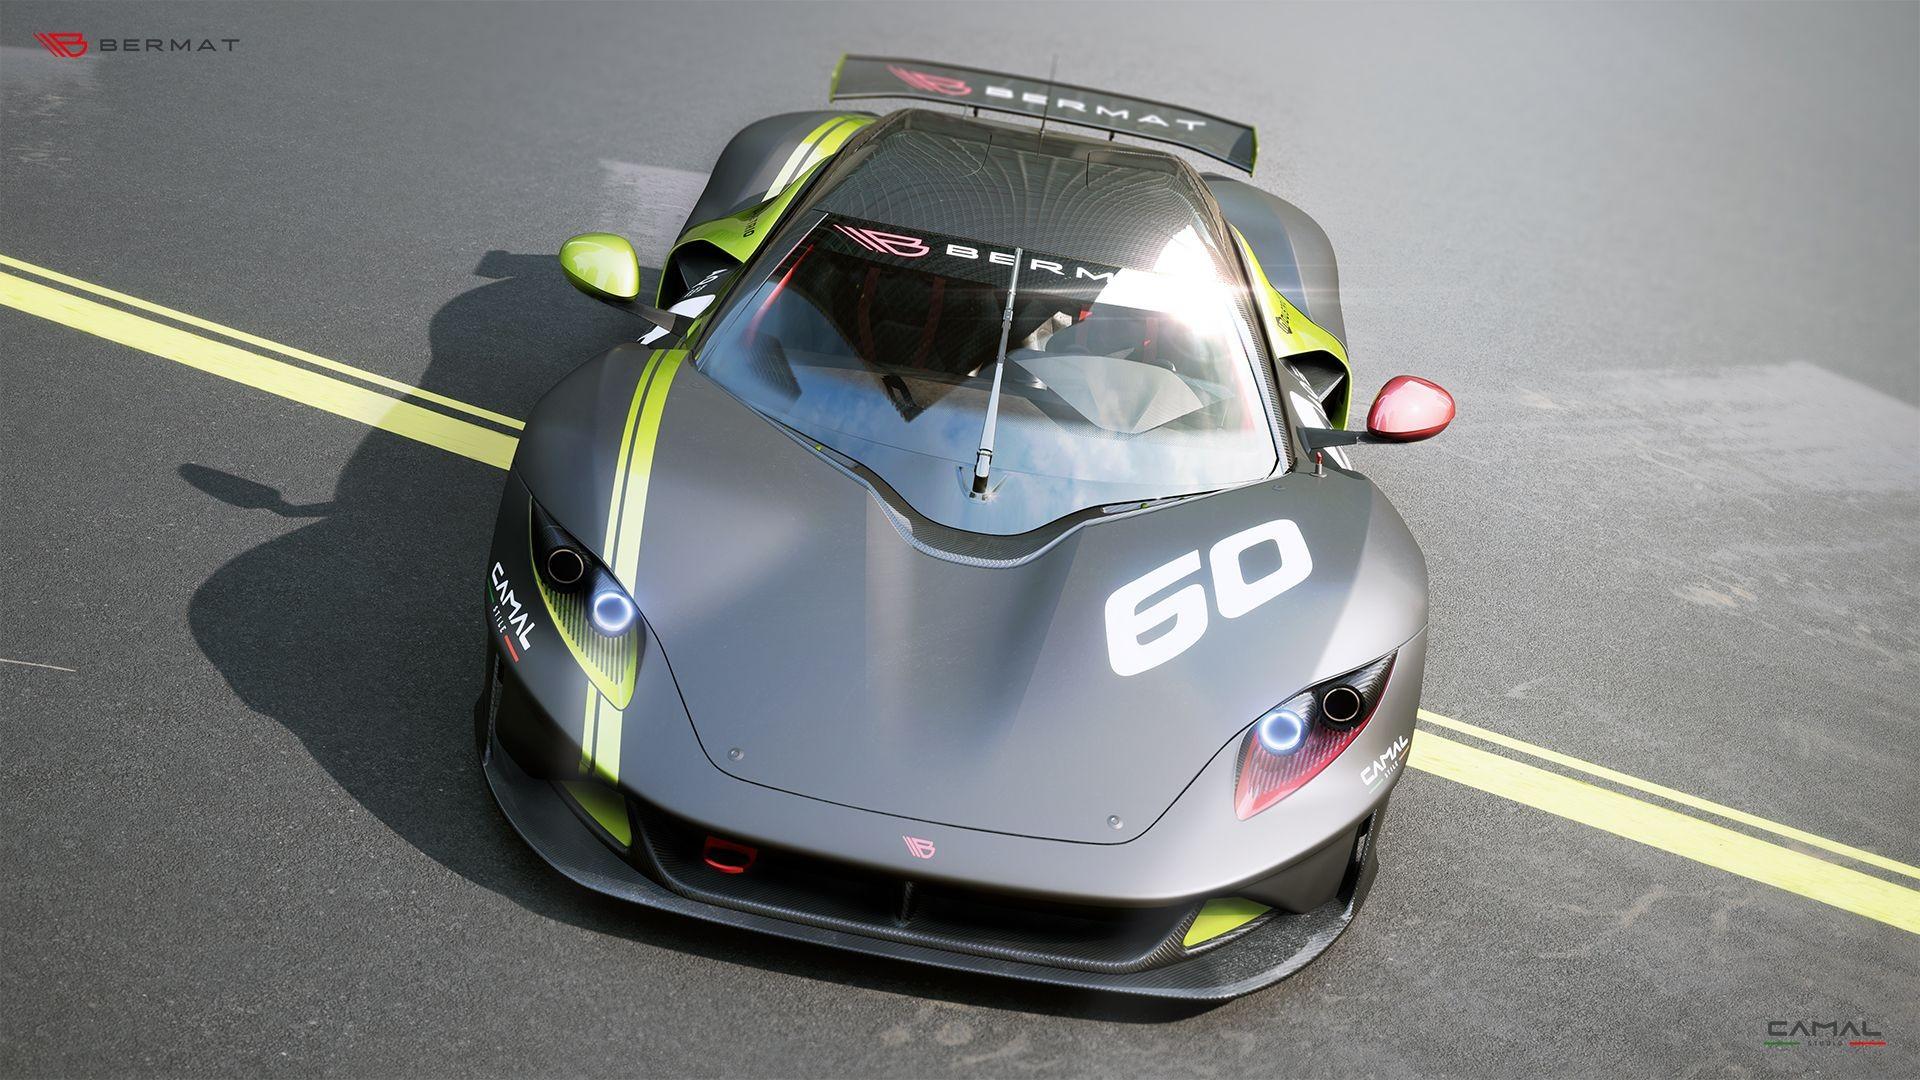 Bermat GT: итальянский конкурент Lotus и Alpine дебютировал в двух версиях